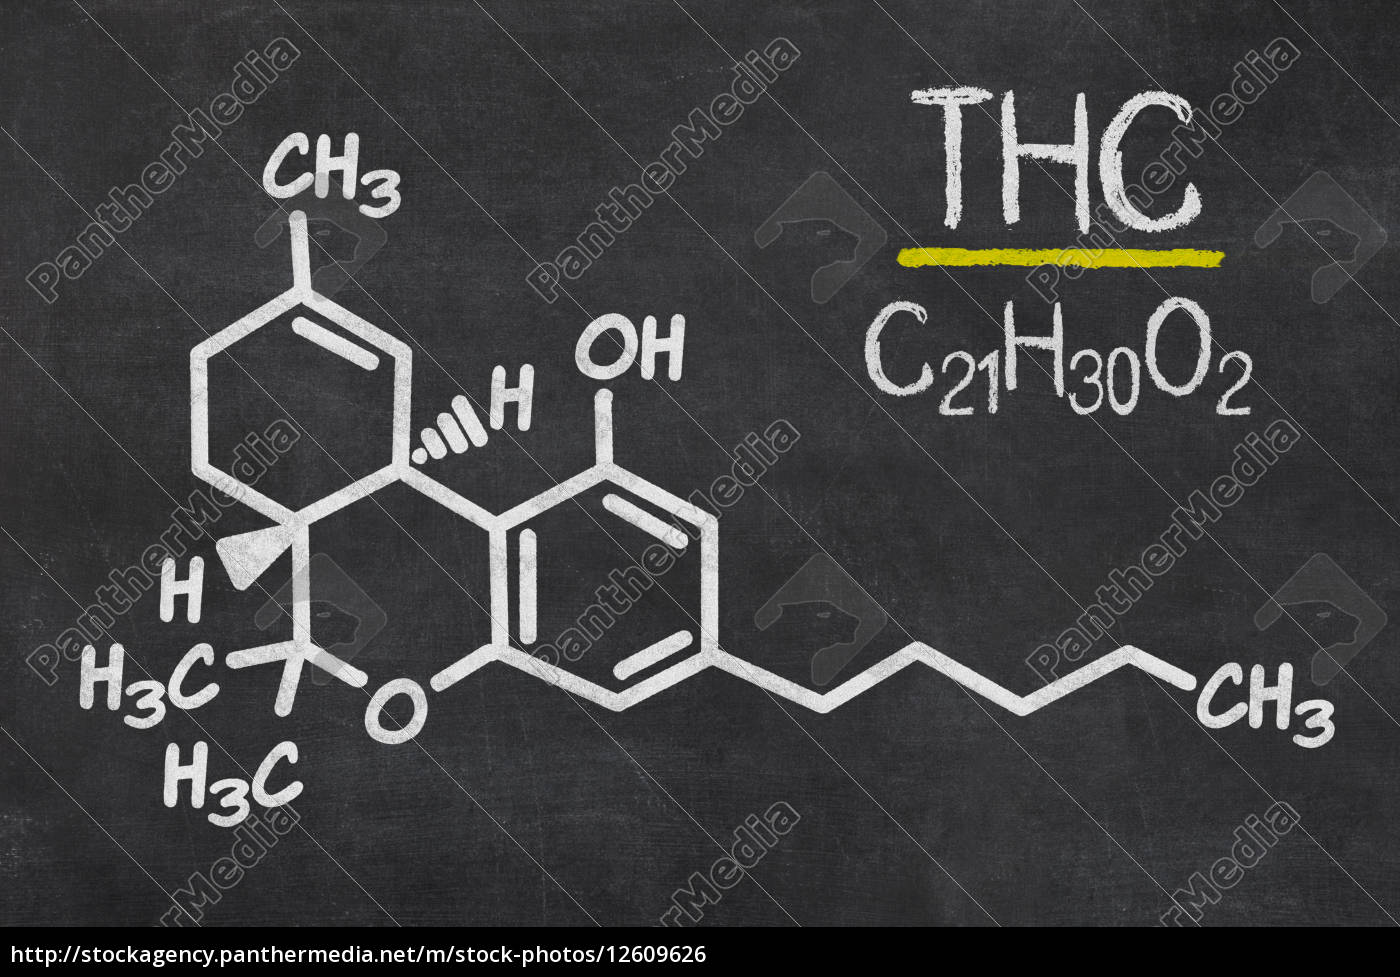 Stock Bild 12609626 Schiefertafel Mit Der Chemischen Formel Von Thc